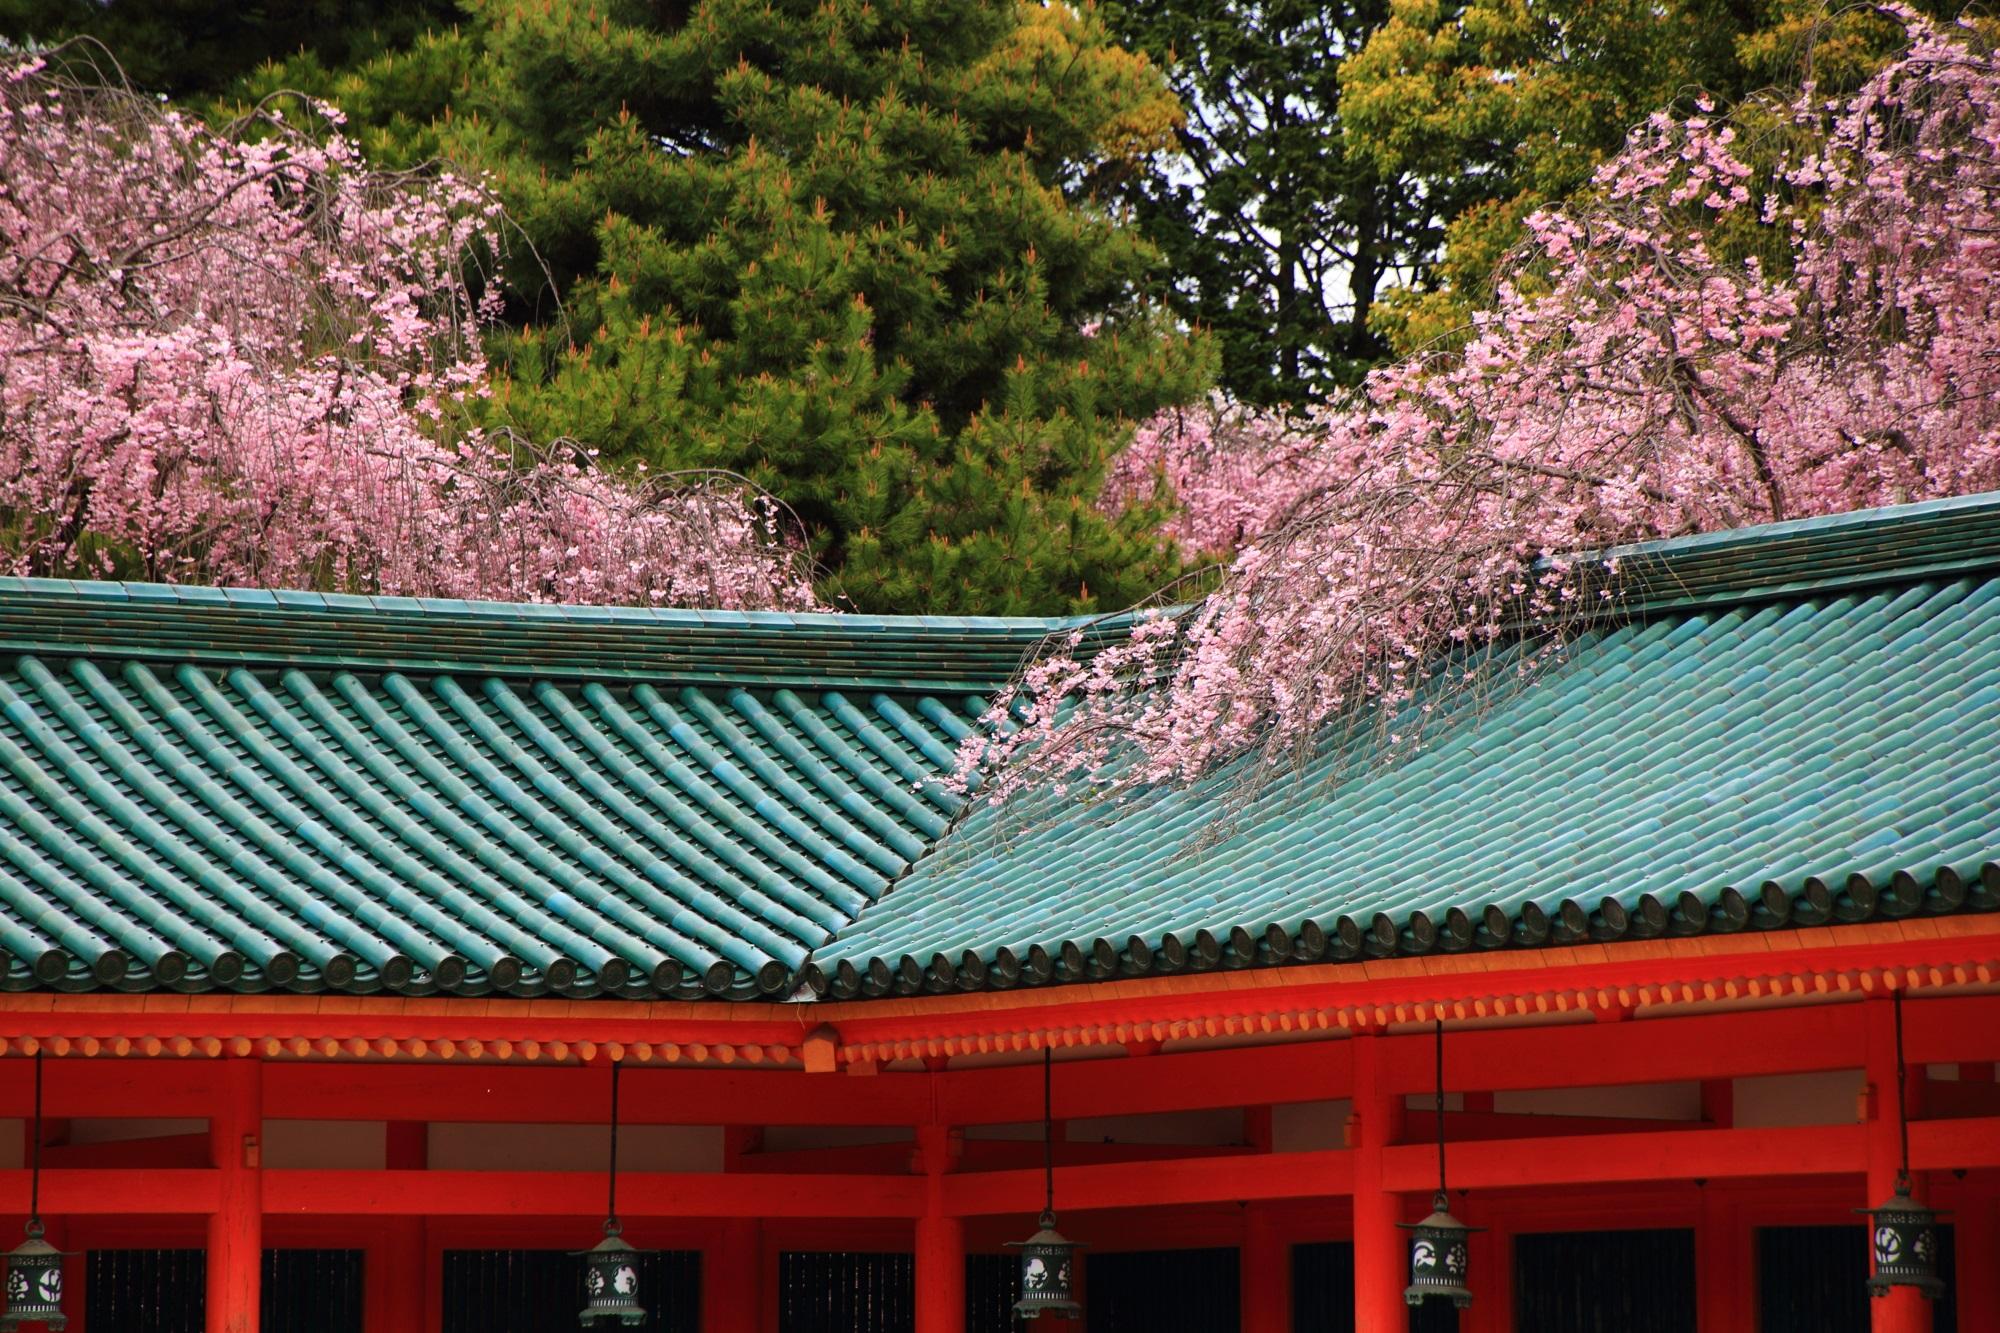 平安神宮の屋根にかかるしだれ桜